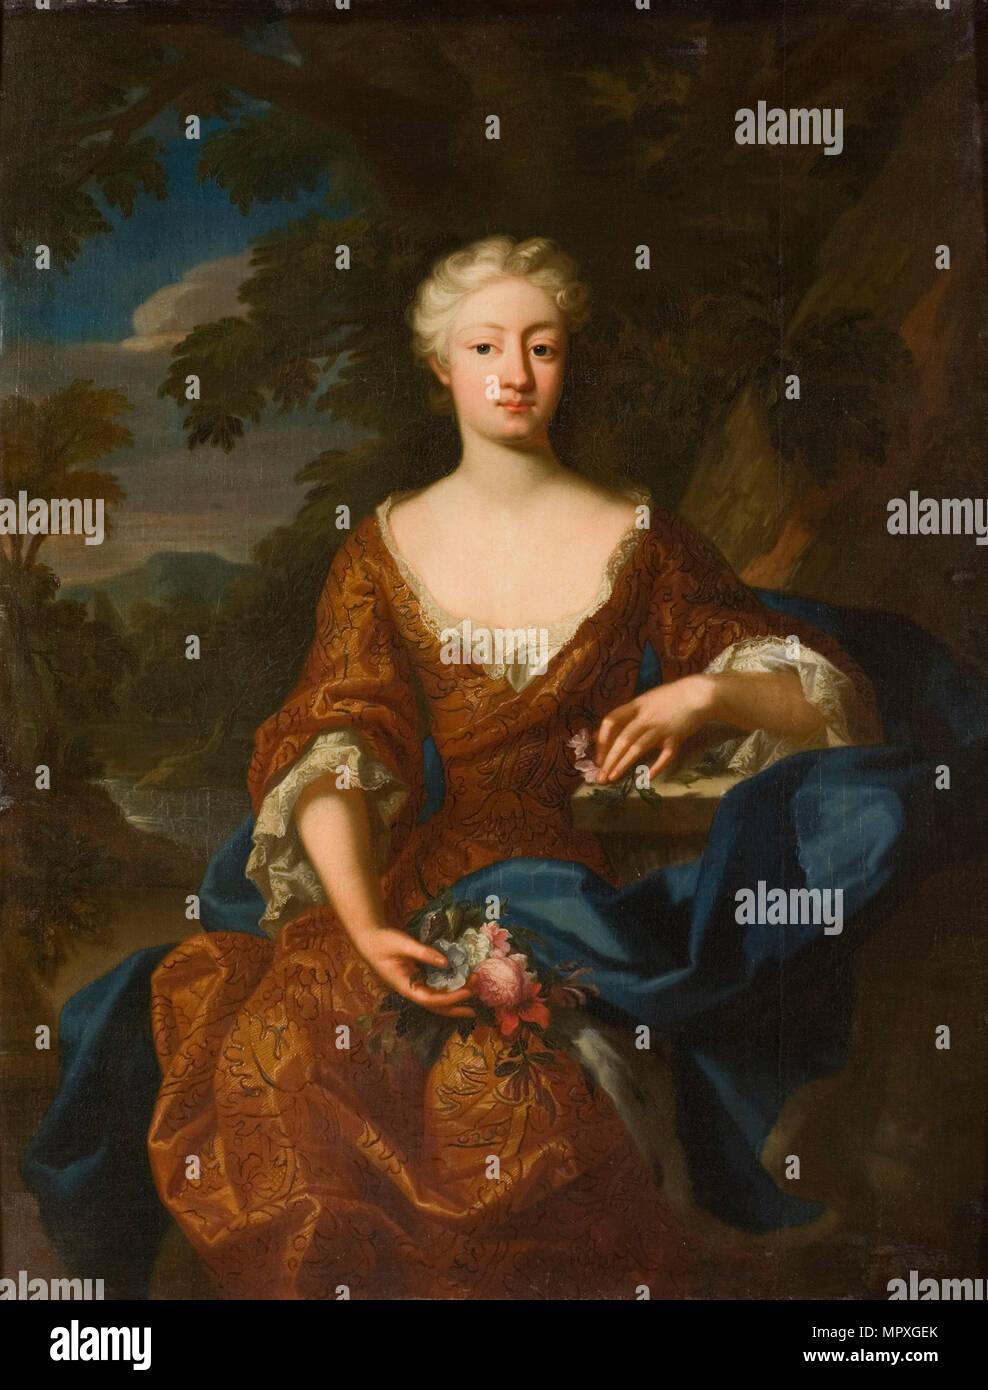 Portrait der Prinzessin Luise Dorothea von Preußen (1680-1705), 1724. Stockbild